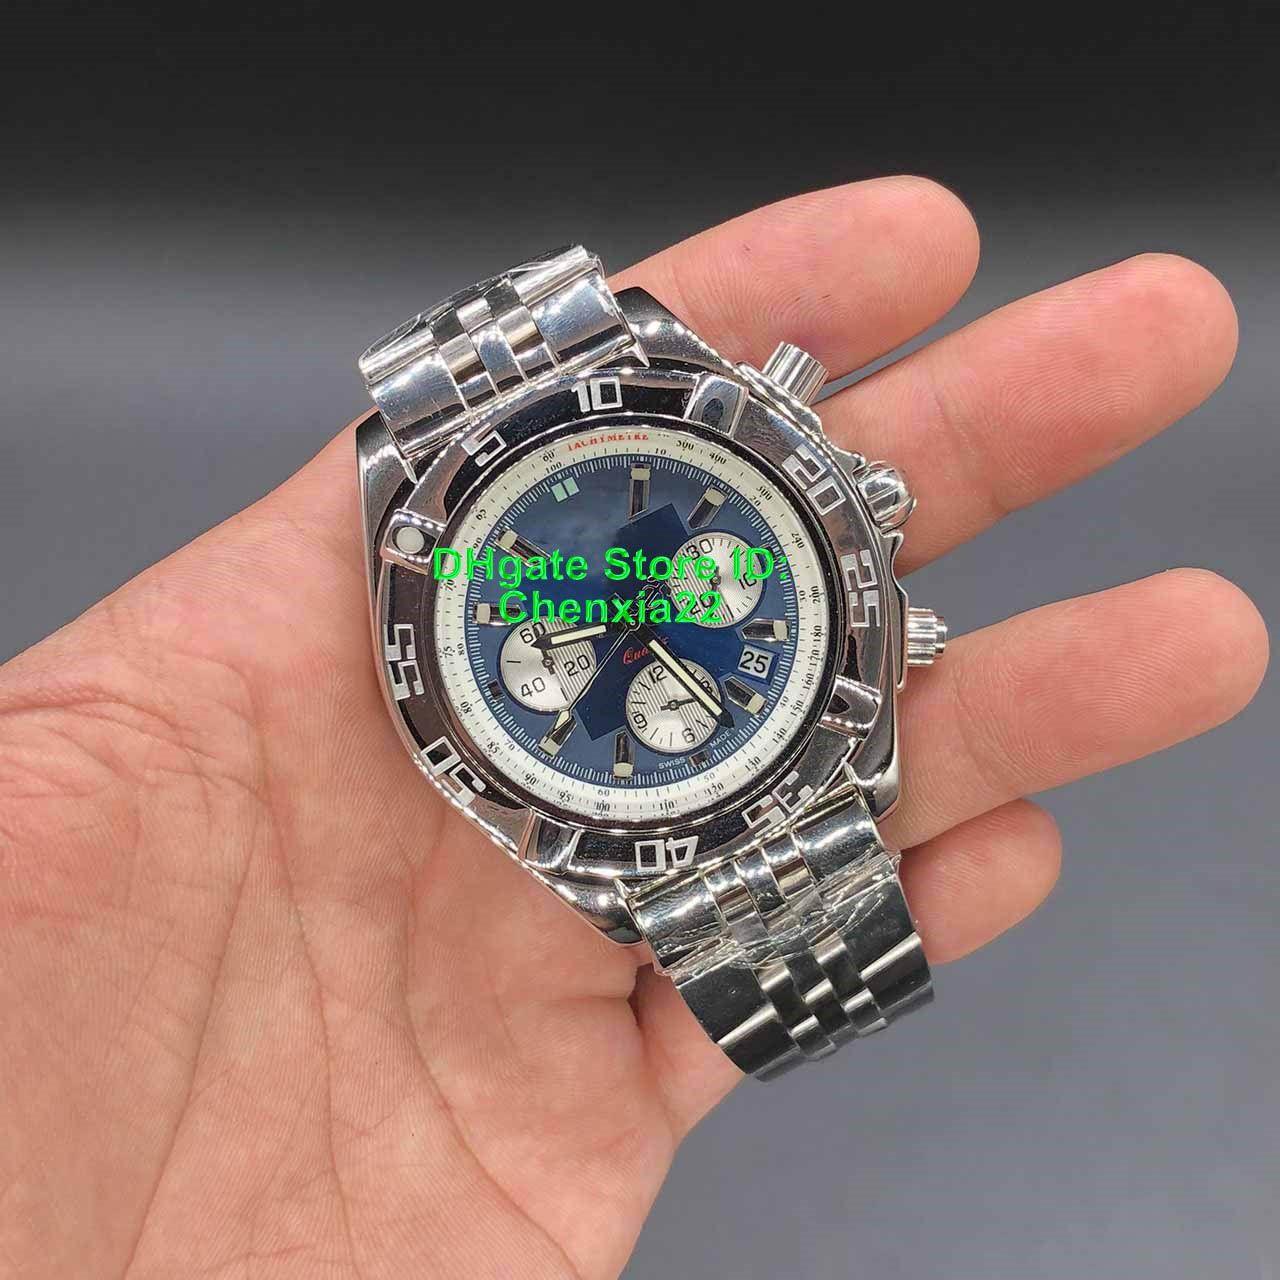 2019 Alta Qualidade Relógios De Pulso De Luxo Azul Dial CB110121 Chronograph Movimento De Quartzo Mens Watch Pulseira De Aço Inoxidável Relógios 46mm